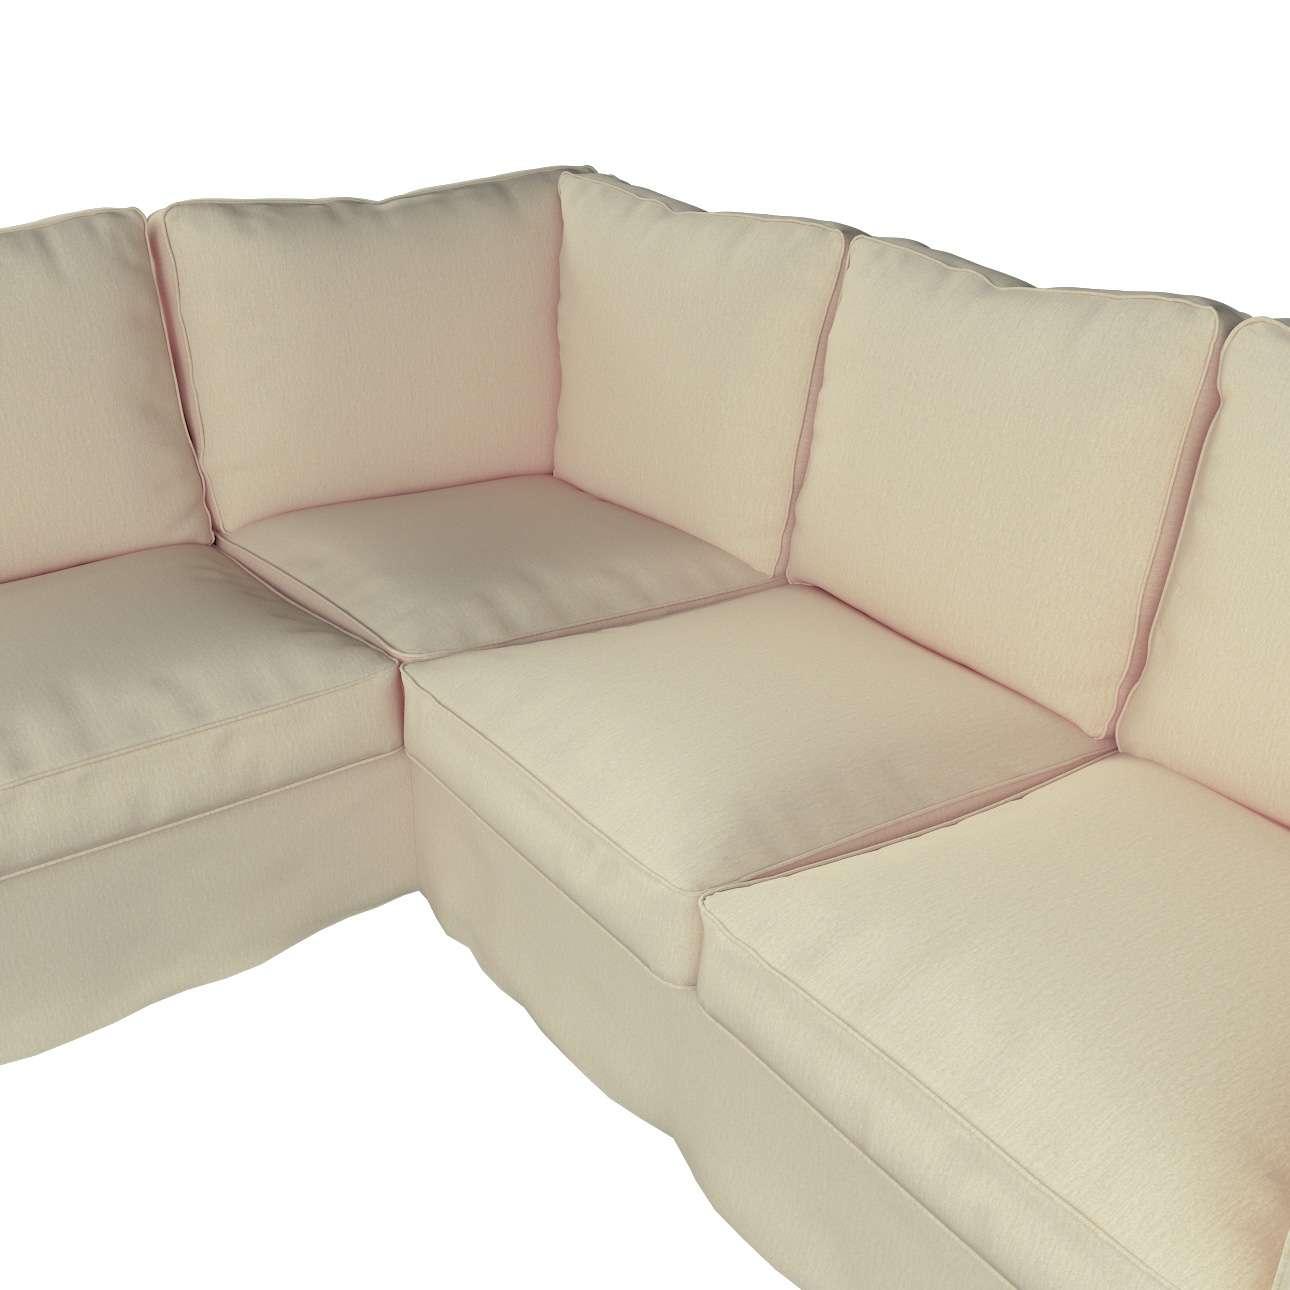 Pokrowiec Ektorp na sofę narożną w kolekcji Chenille, tkanina: 702-22